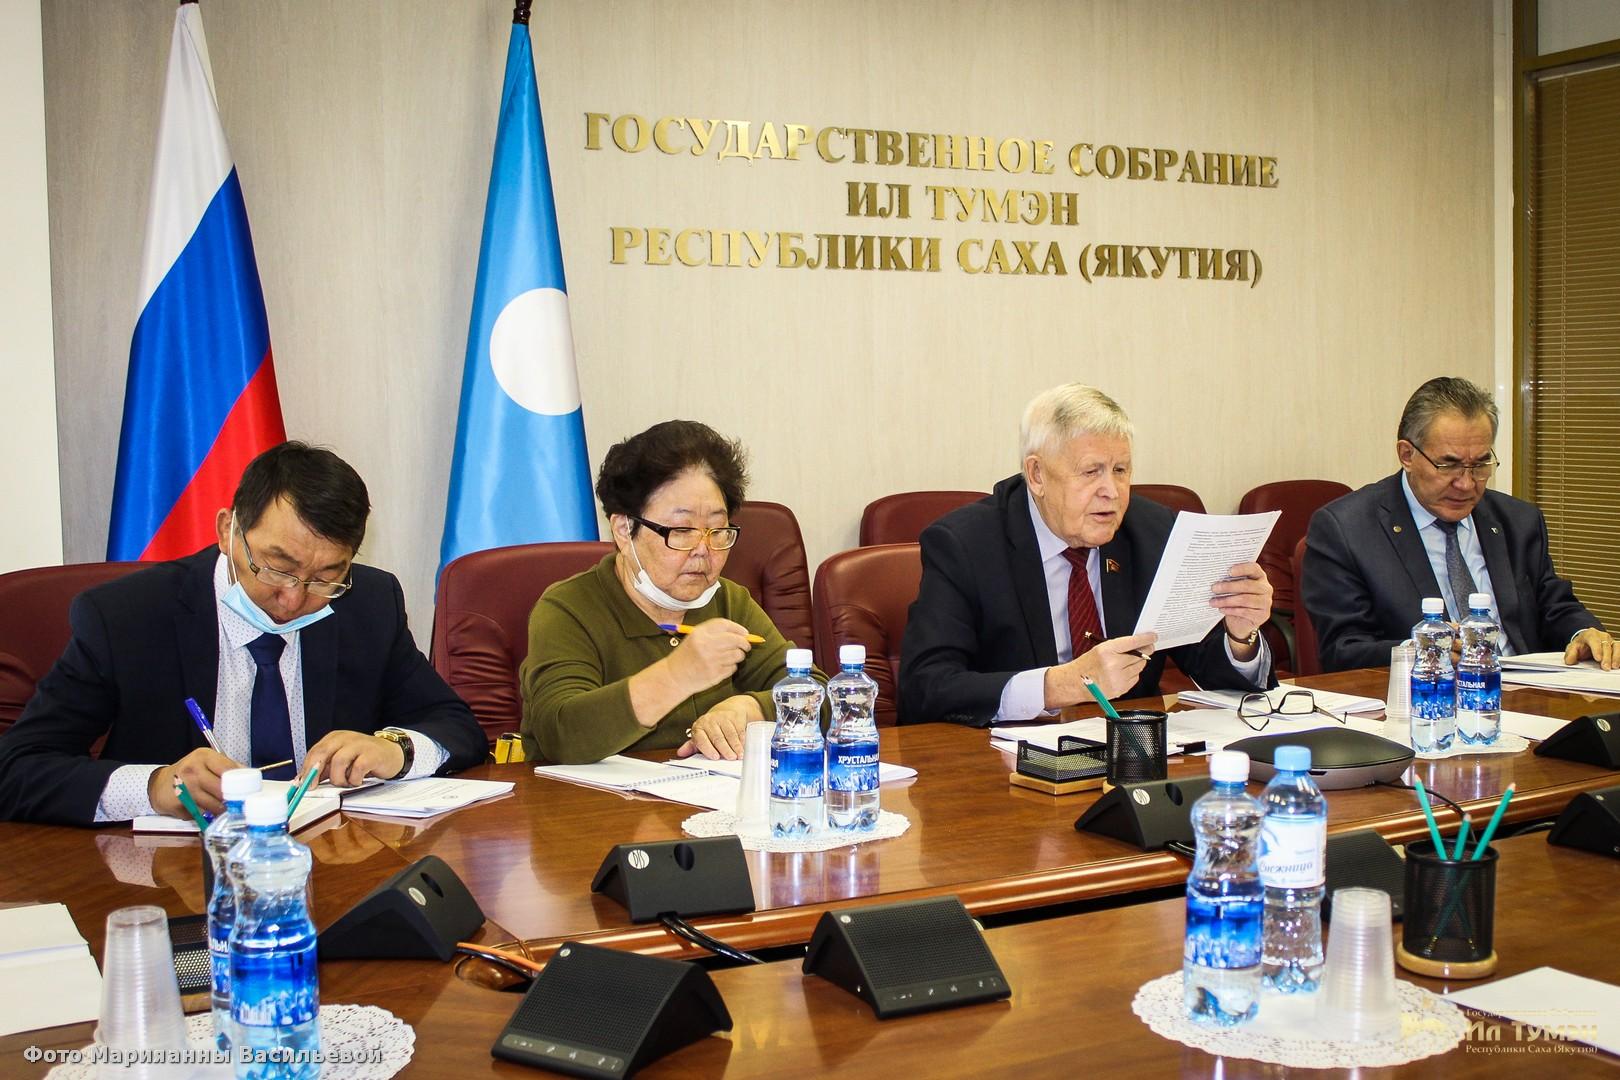 В парламенте Якутии обсудили Стратегию развития северного оленеводства в РФ до 2030 года